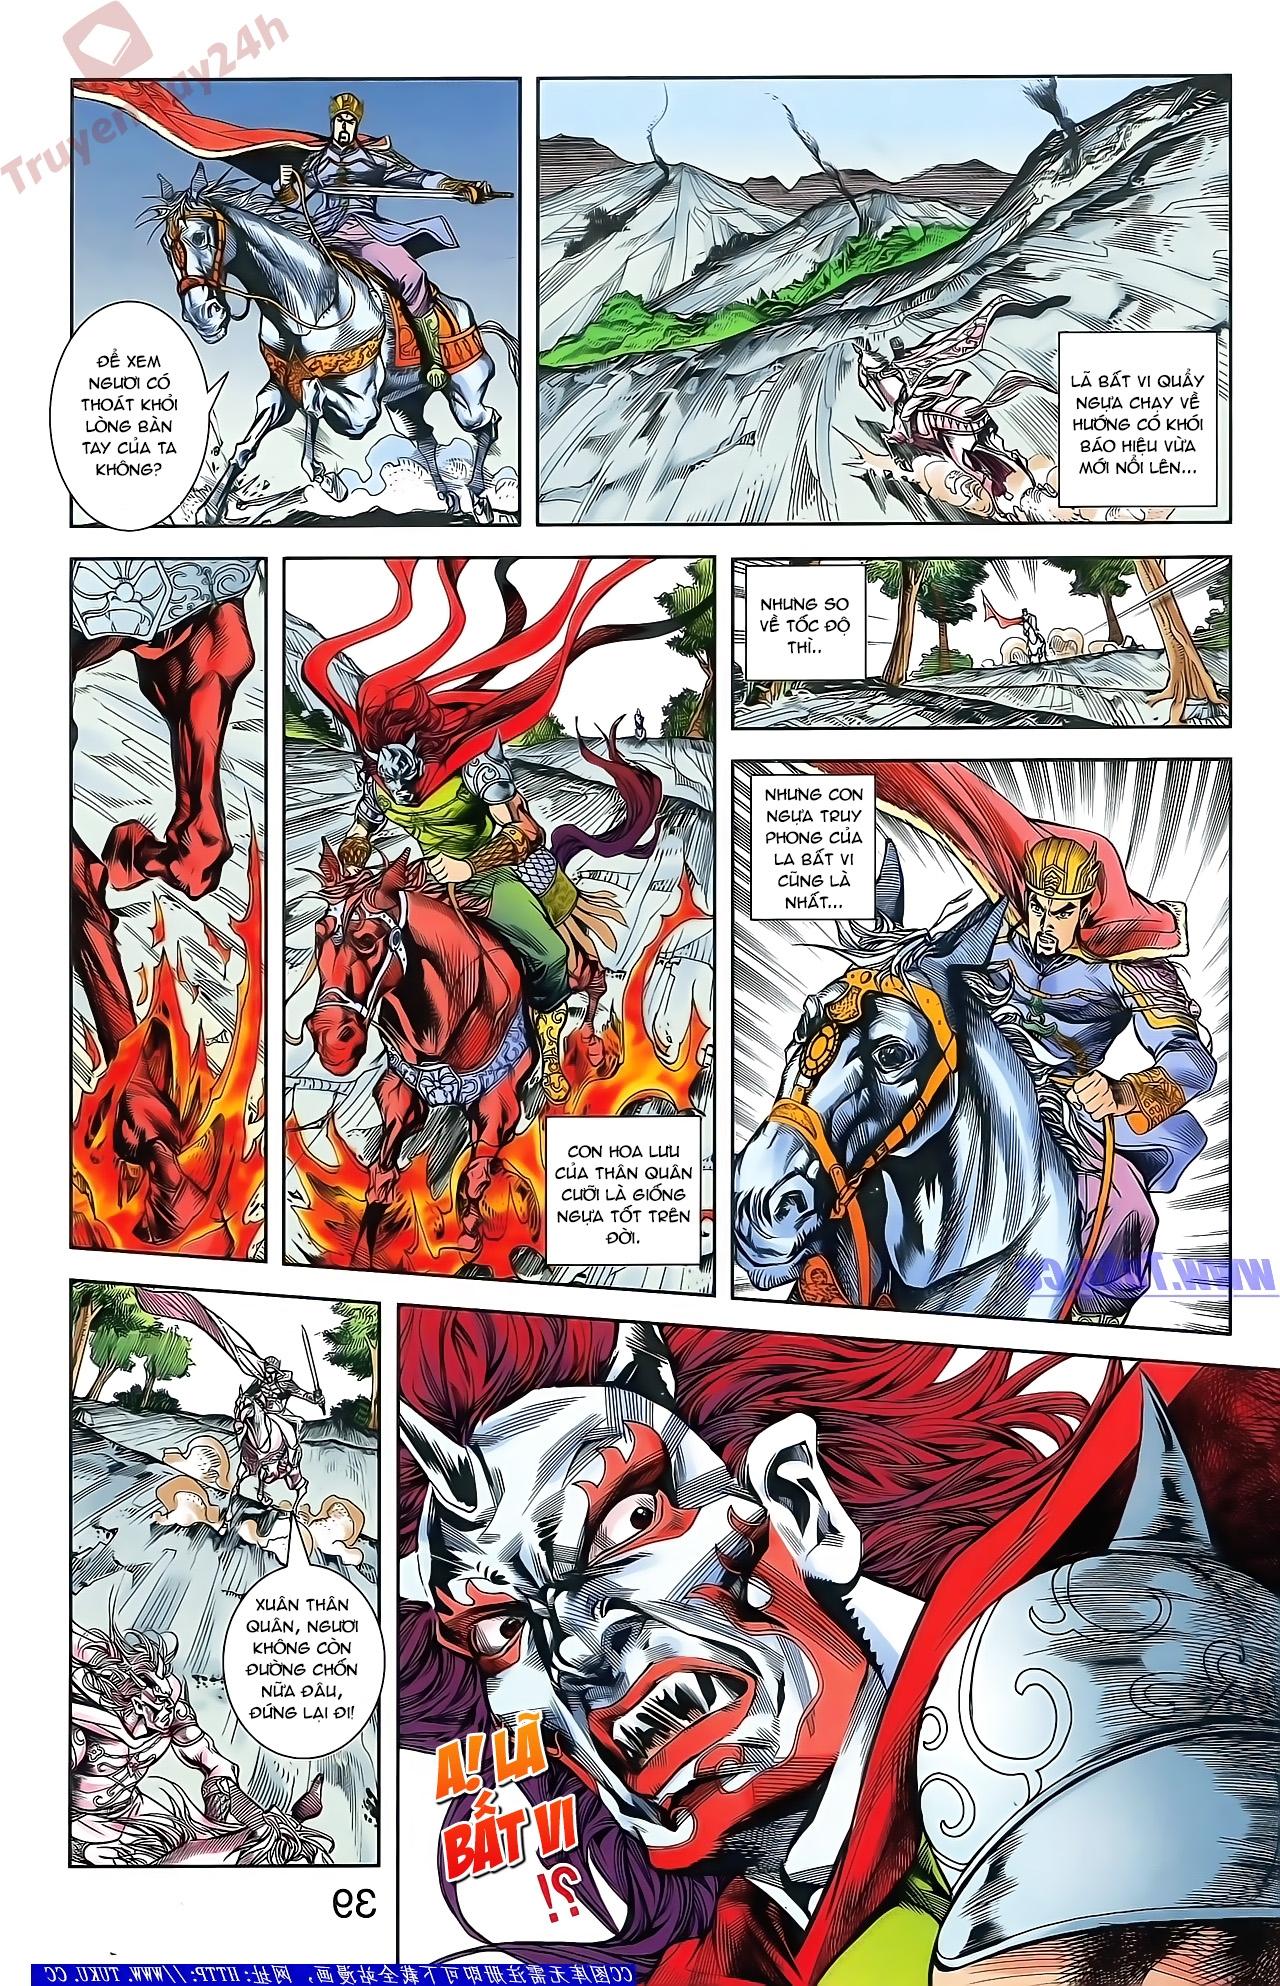 Tần Vương Doanh Chính chapter 48 trang 24